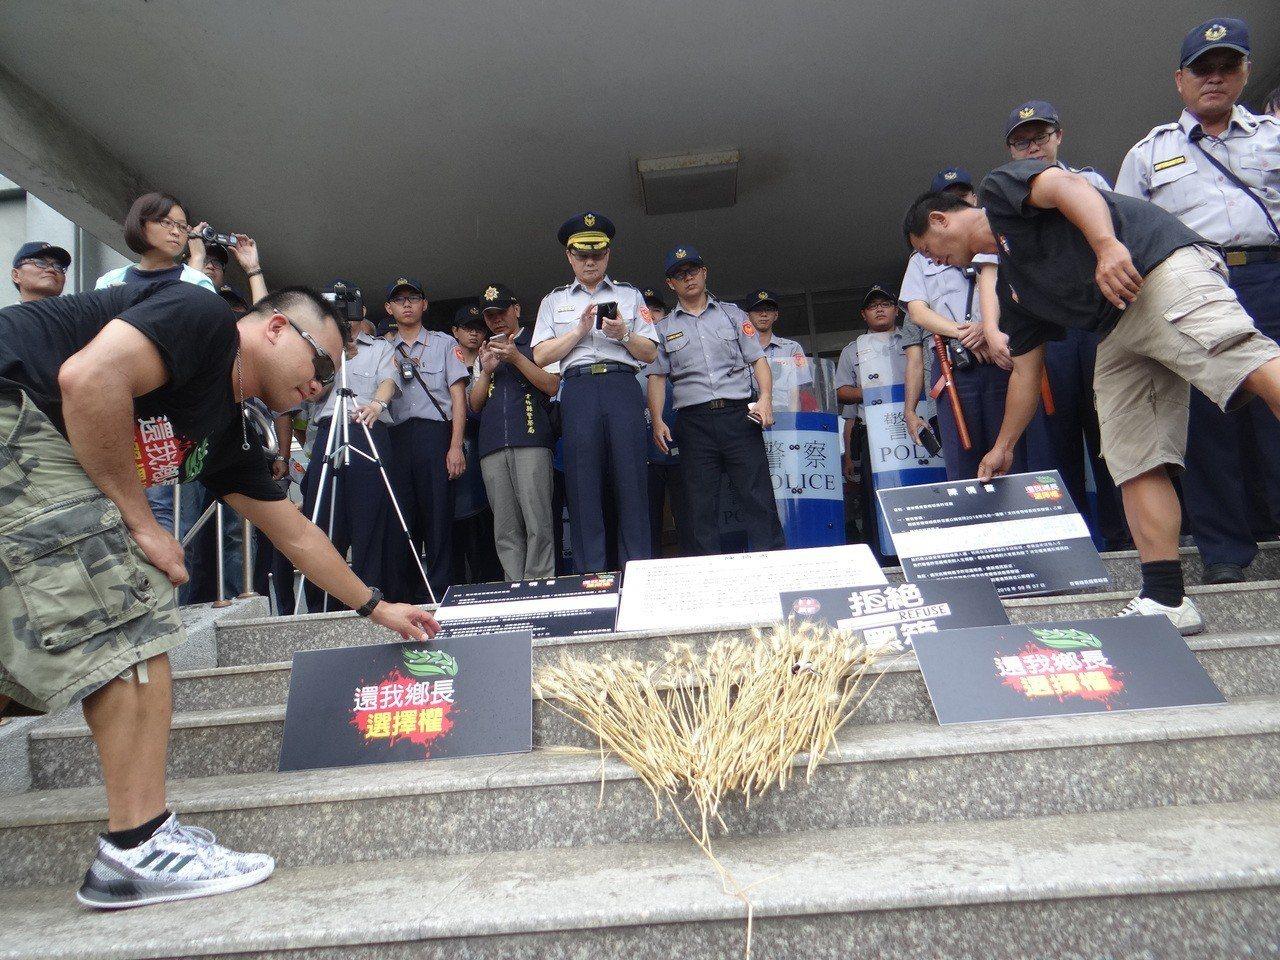 廢票聯盟將麥穗放在公所前表達無聲的抗議。記者蔡維斌/攝影